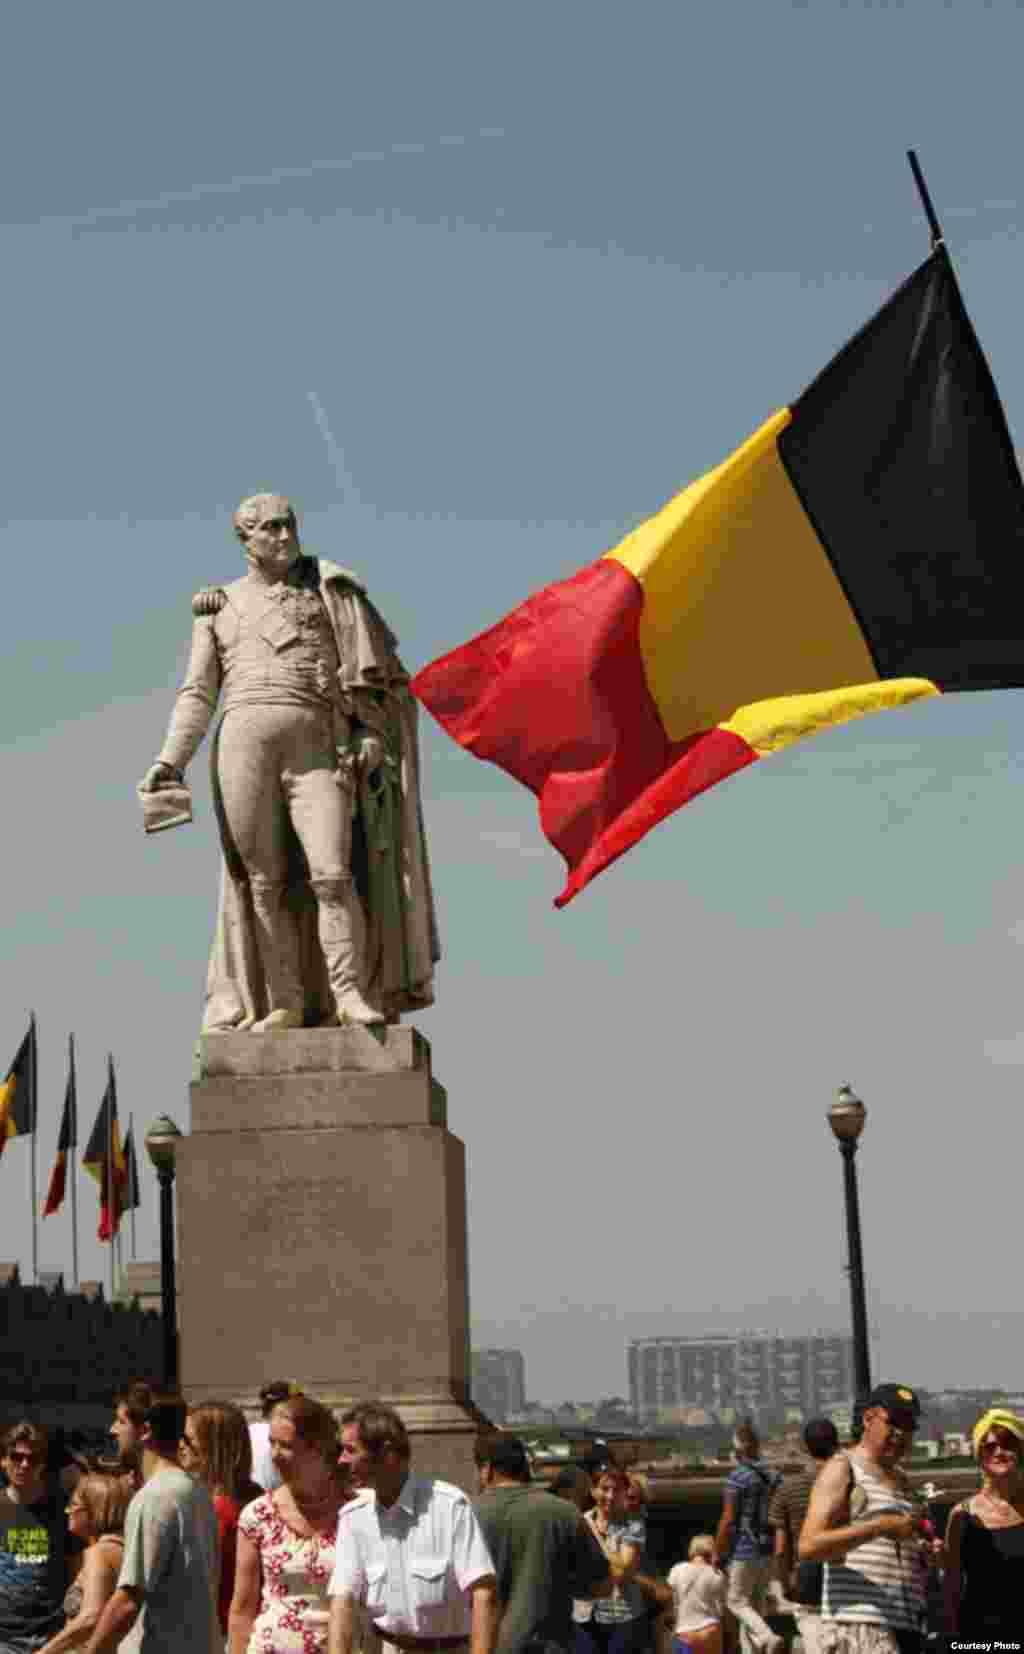 مراسم انتخاب پادشاه جدید بلژیک